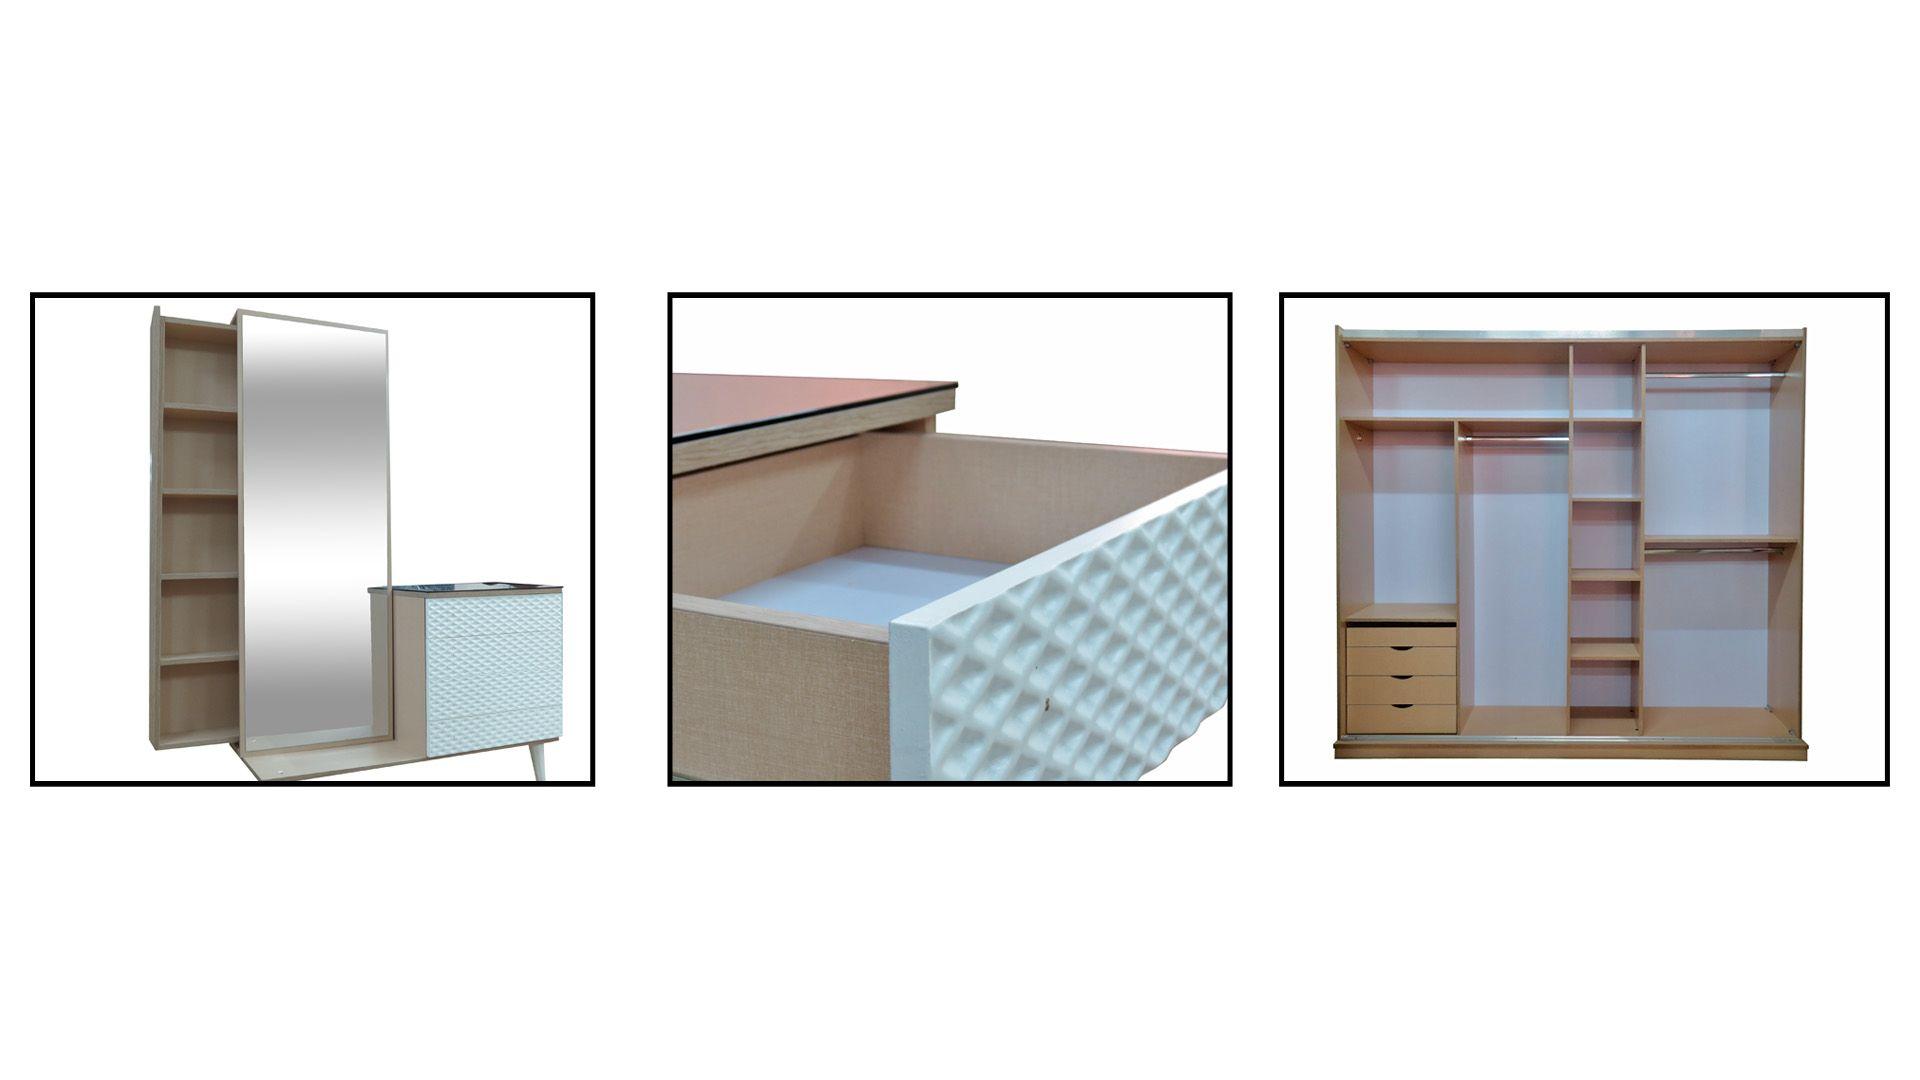 غرف نوم مودرن كاملة بالدولاب والتسريحه 2020